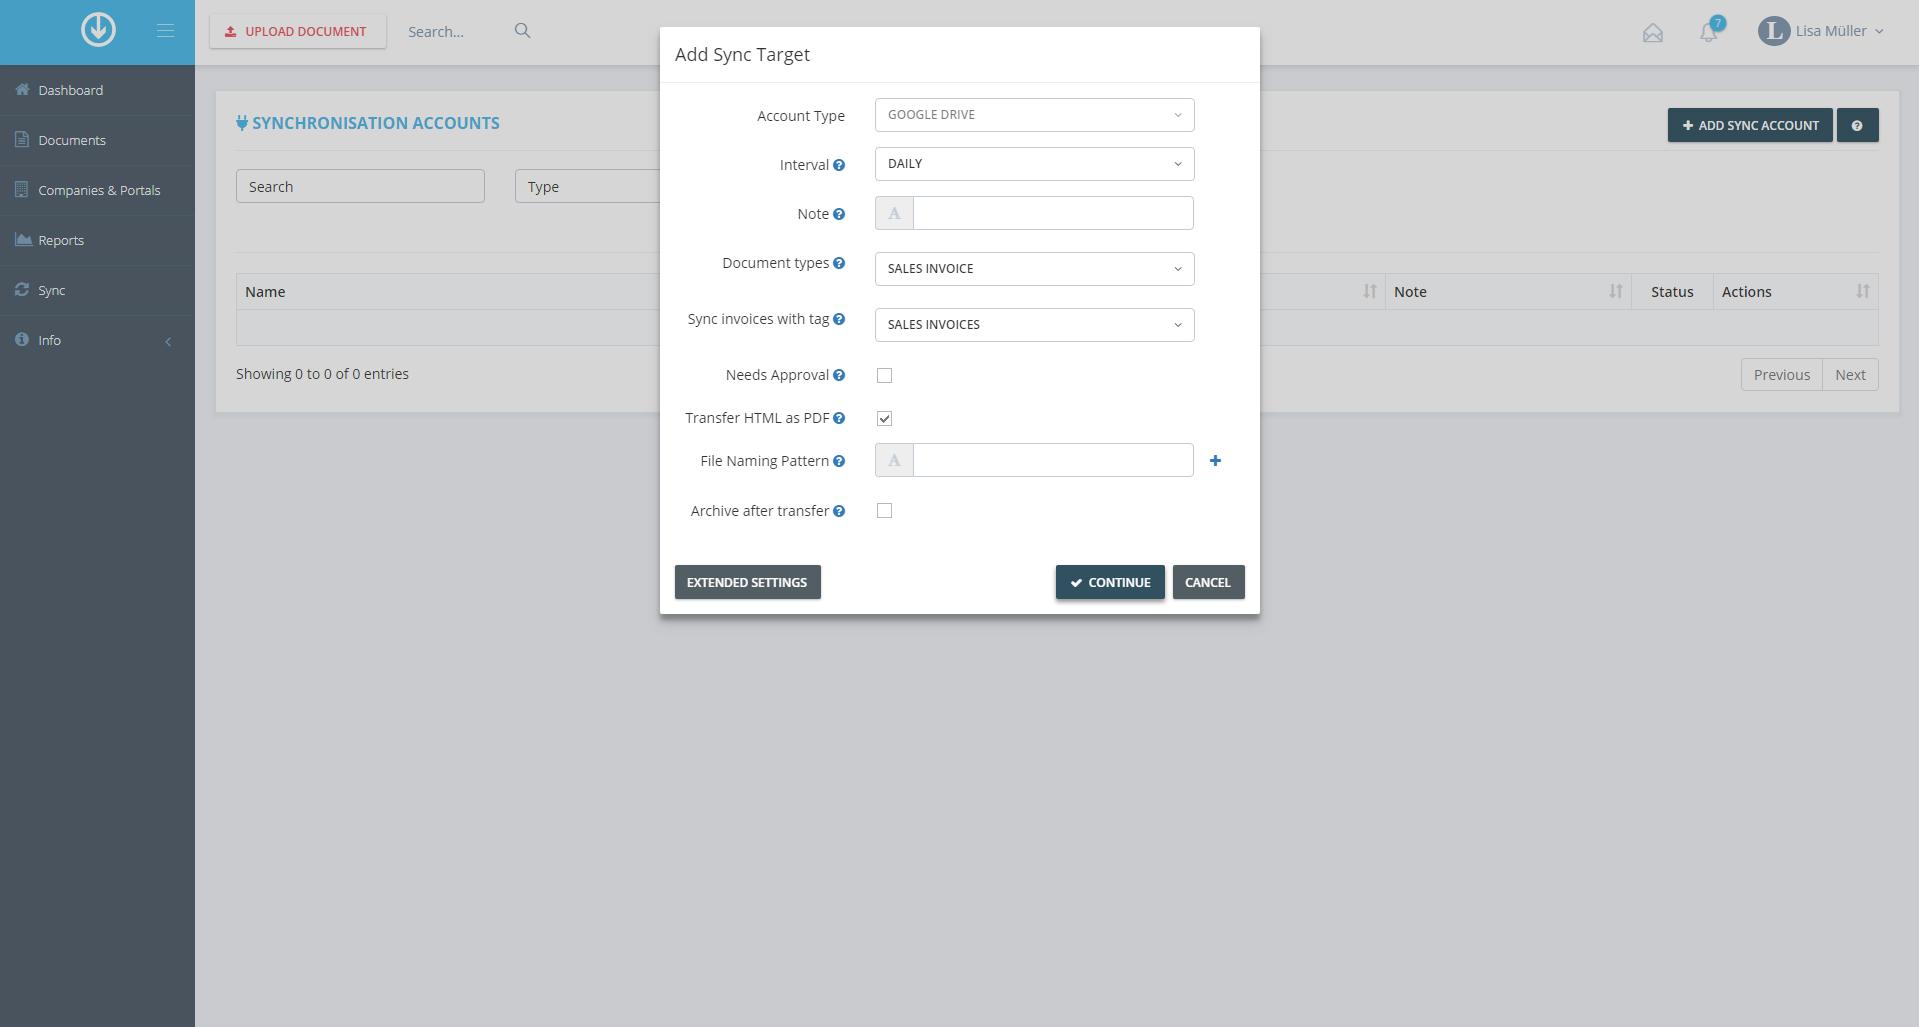 2. Exportation de documents :Ajouter des paramètres de synchronisation